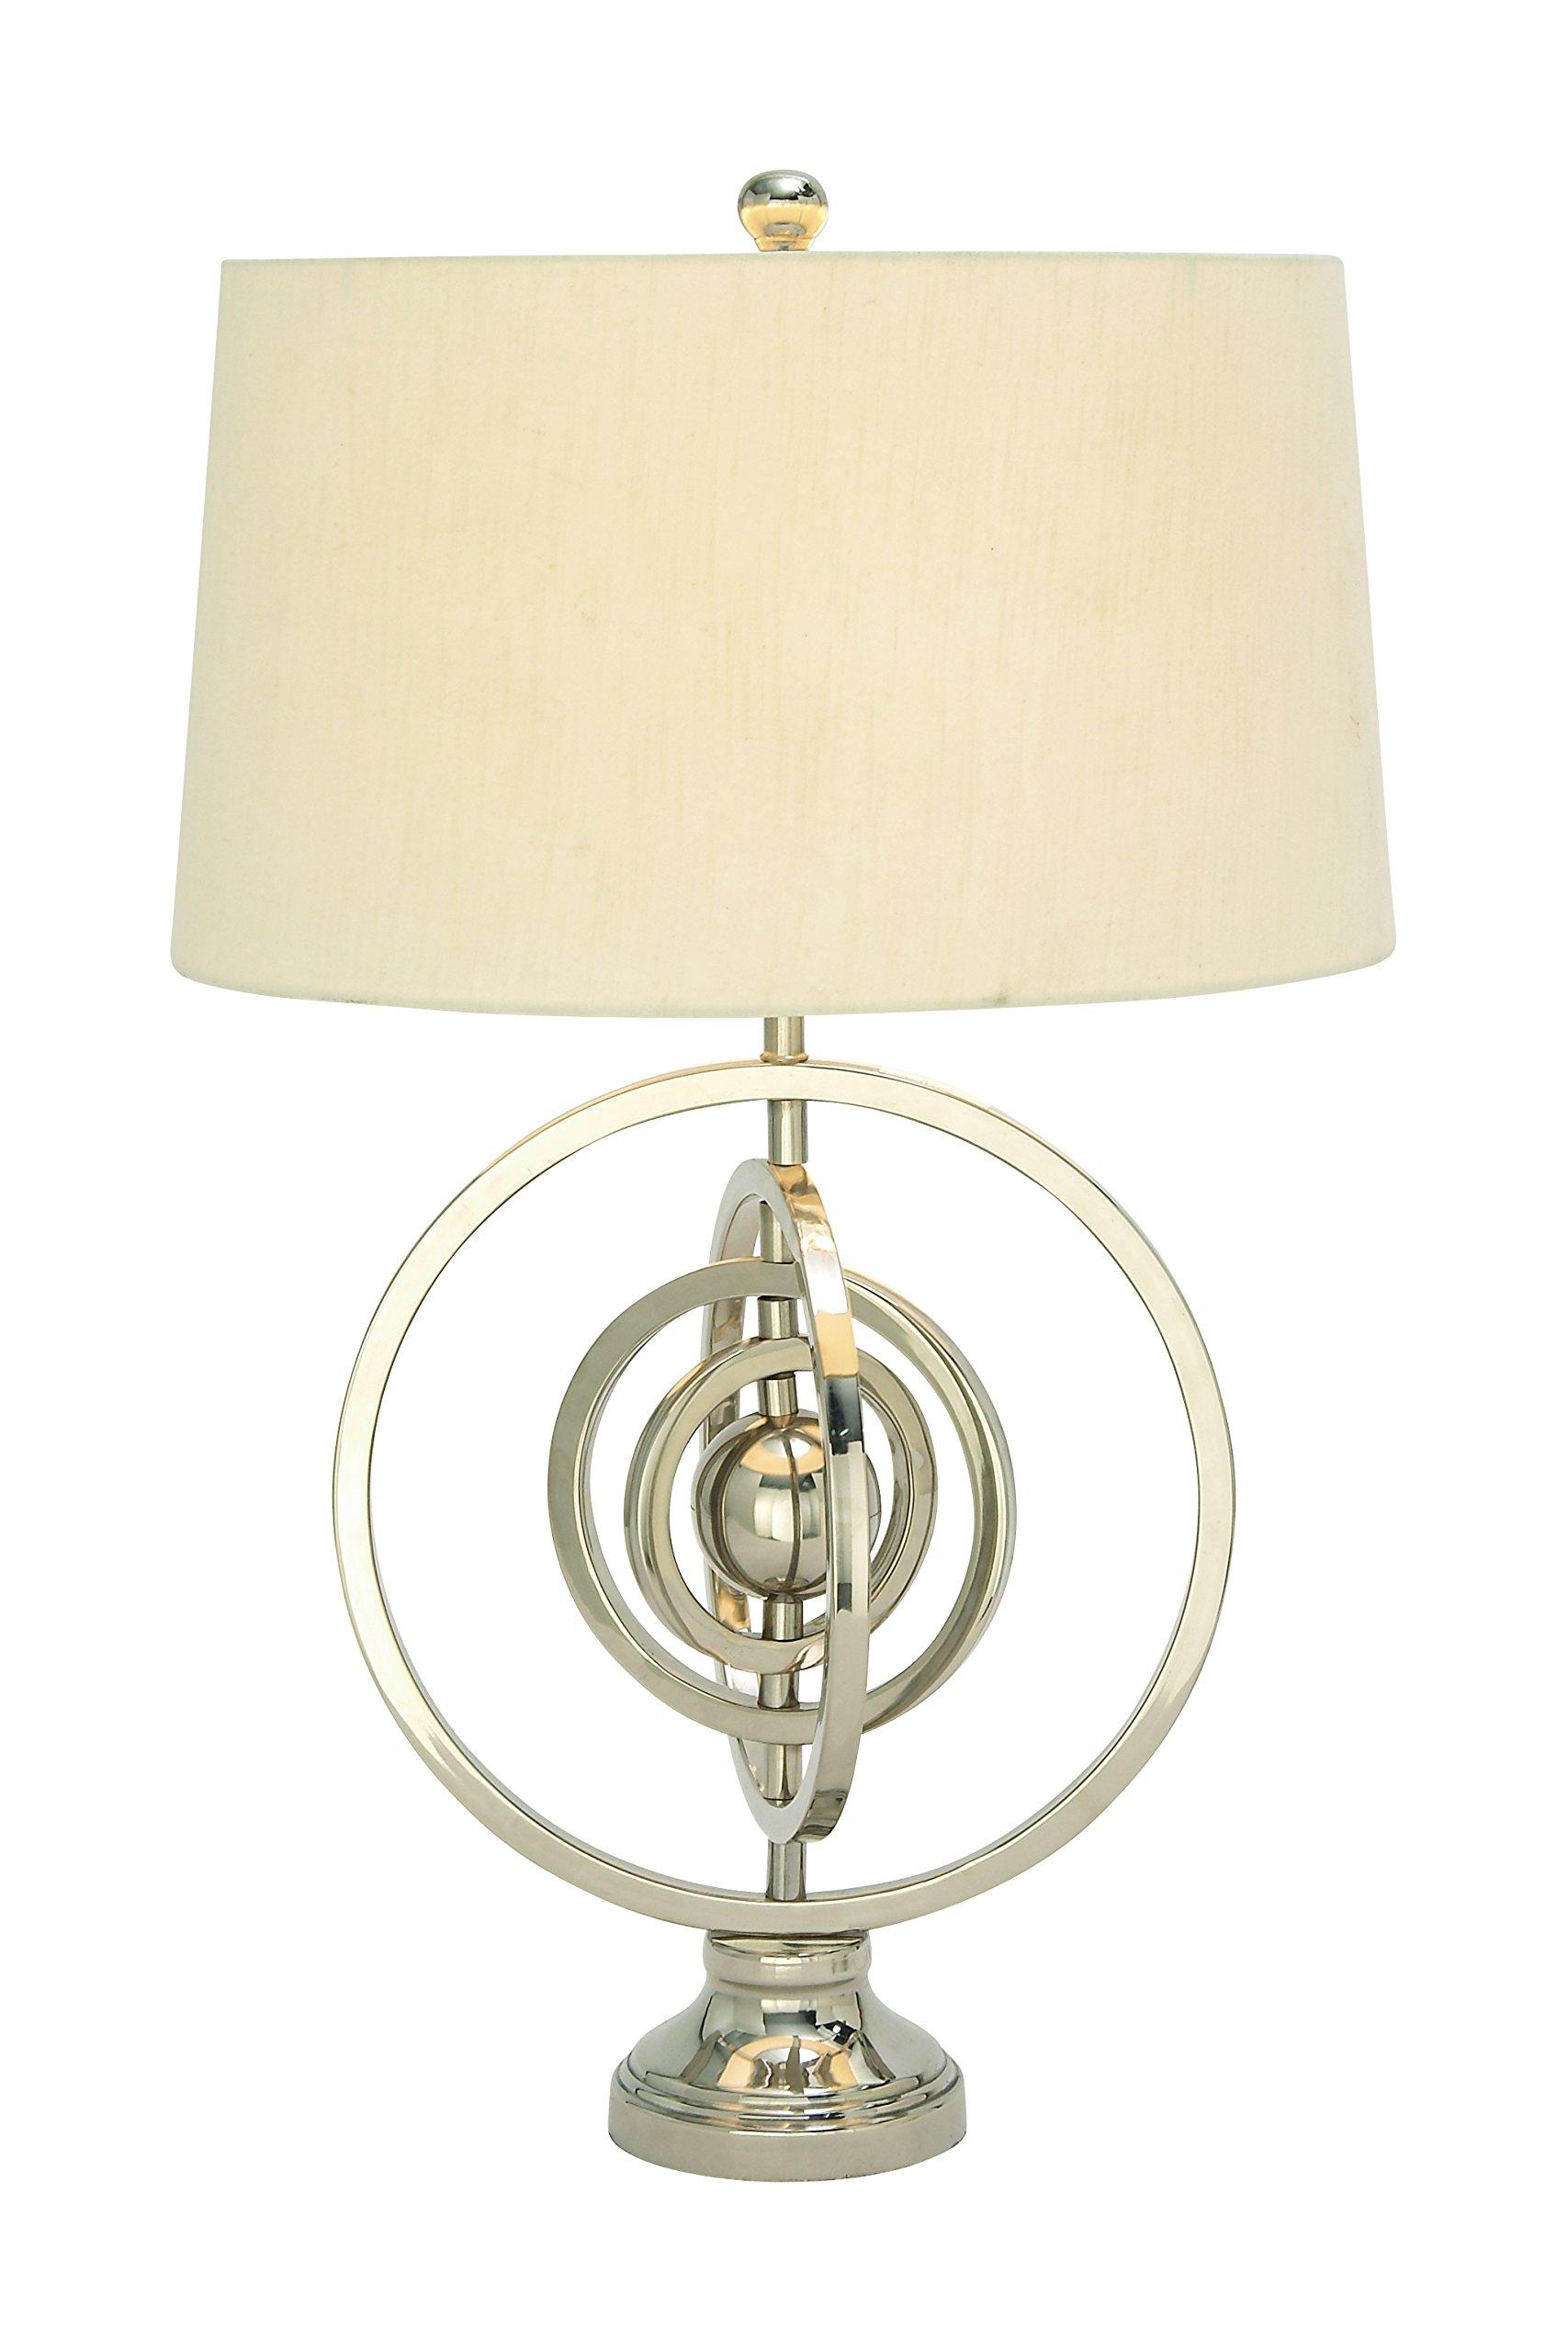 Deco 79 37162 Metal Table Lamp 28'' H